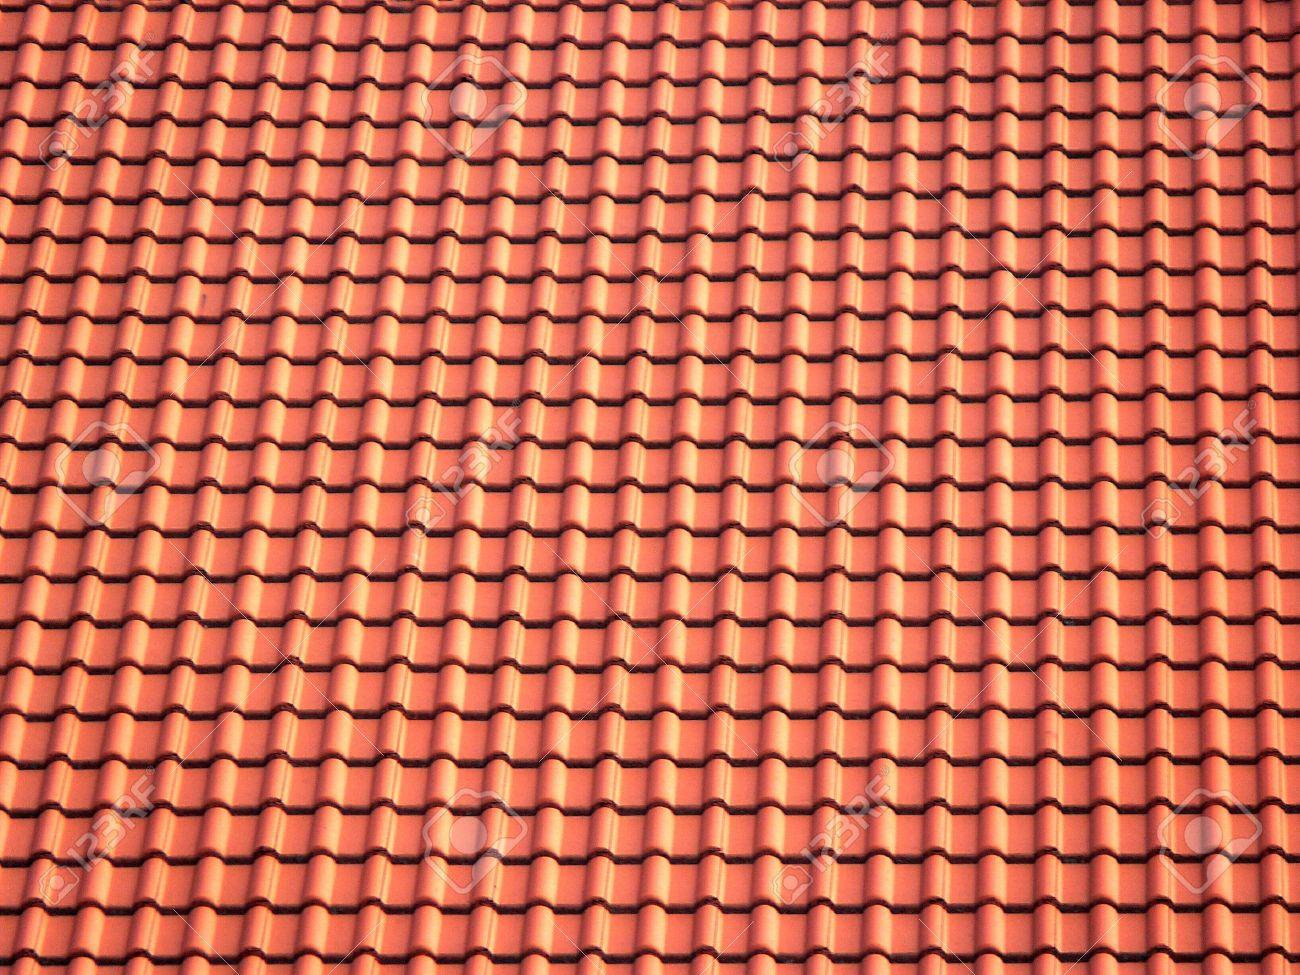 Dachziegel textur  Keramische Dachziegel Textur Lizenzfreie Fotos, Bilder Und Stock ...